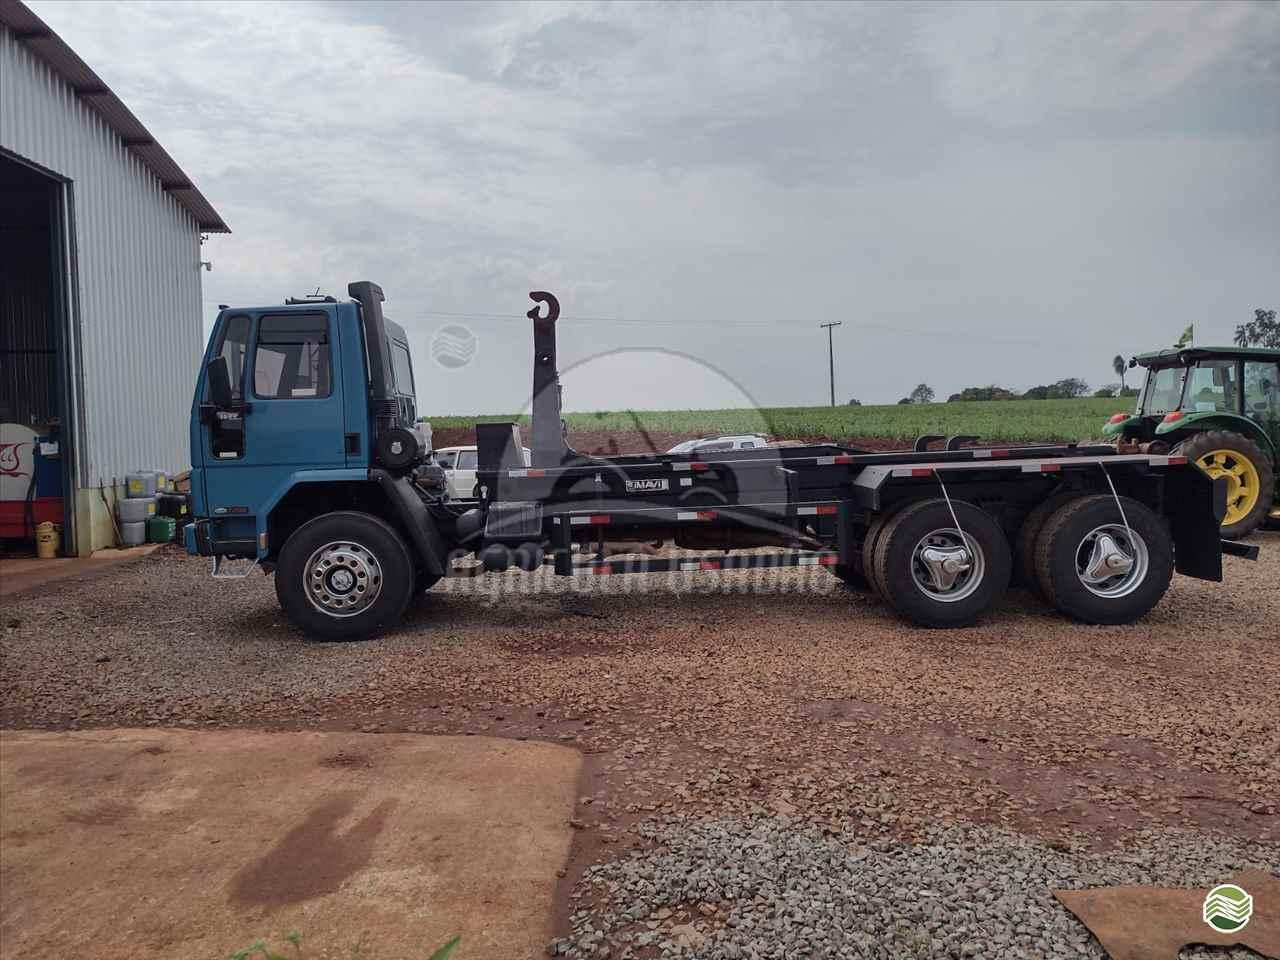 CAMINHAO FORD CARGO 1622 Roll ON OFF Truck 6x2 Agrícola Usadão TAQUARITUBA SÃO PAULO SP